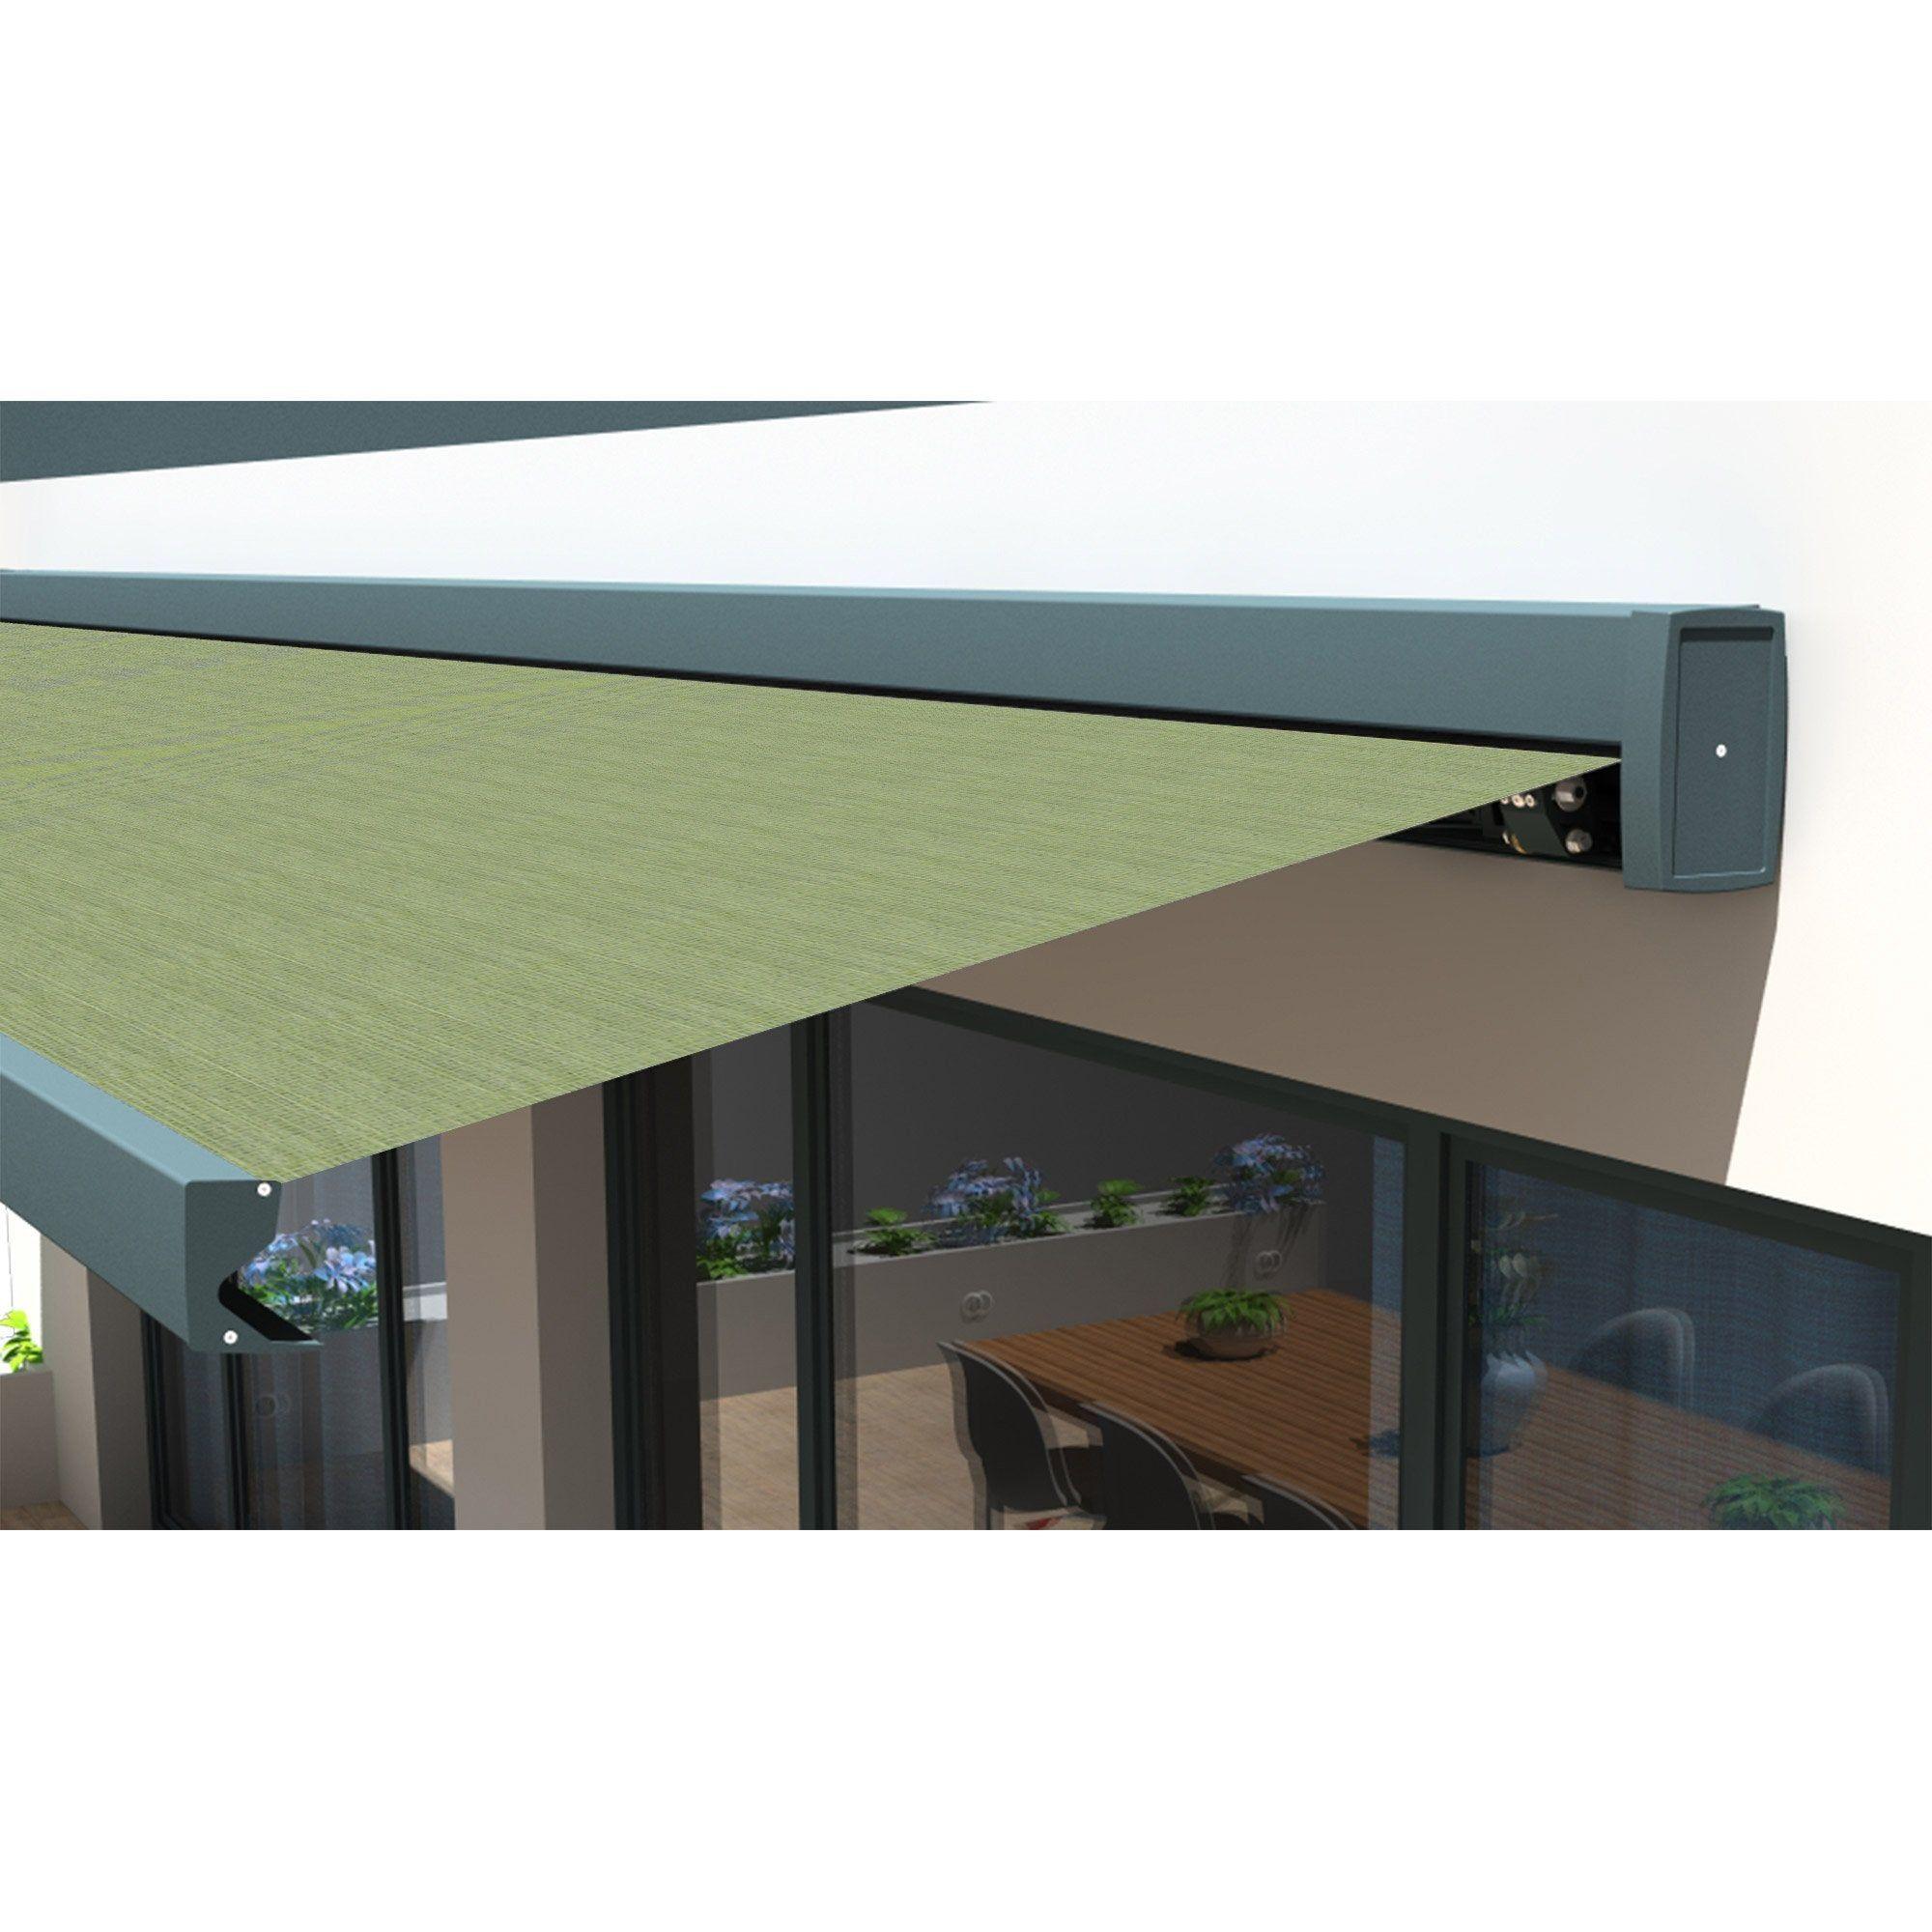 store banne motorisé 7 x 4 m vert loft xxl toile